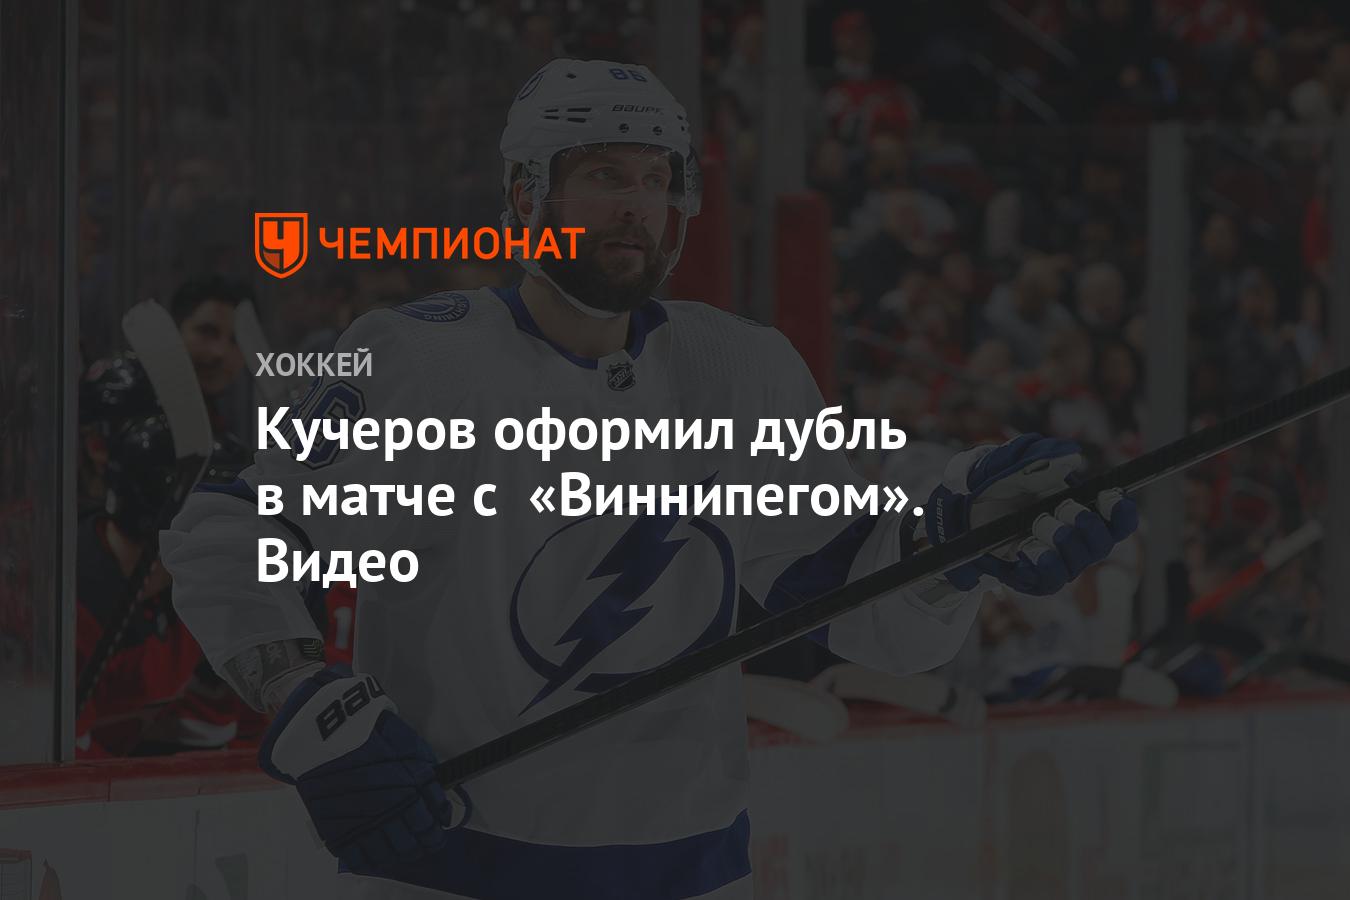 Кучеров оформил дубль в матче с «Виннипегом». Видео